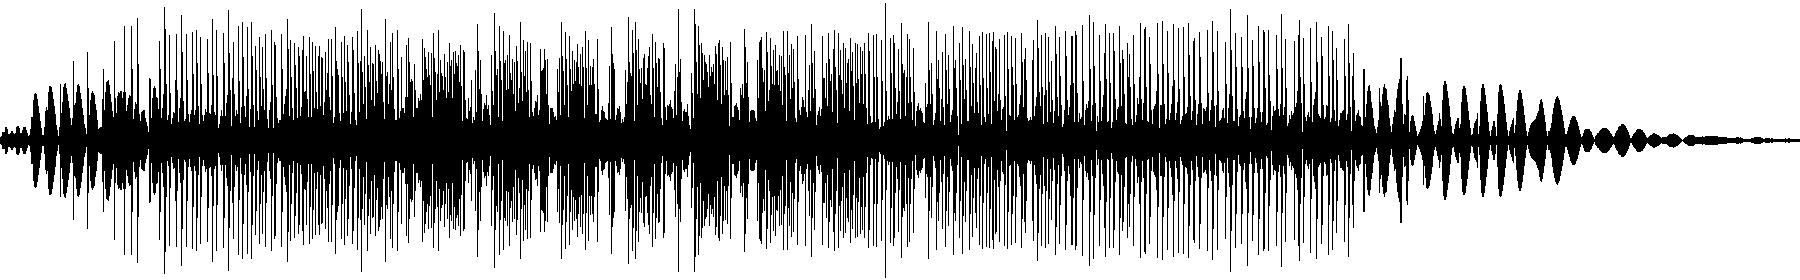 veh2 synths   141 c